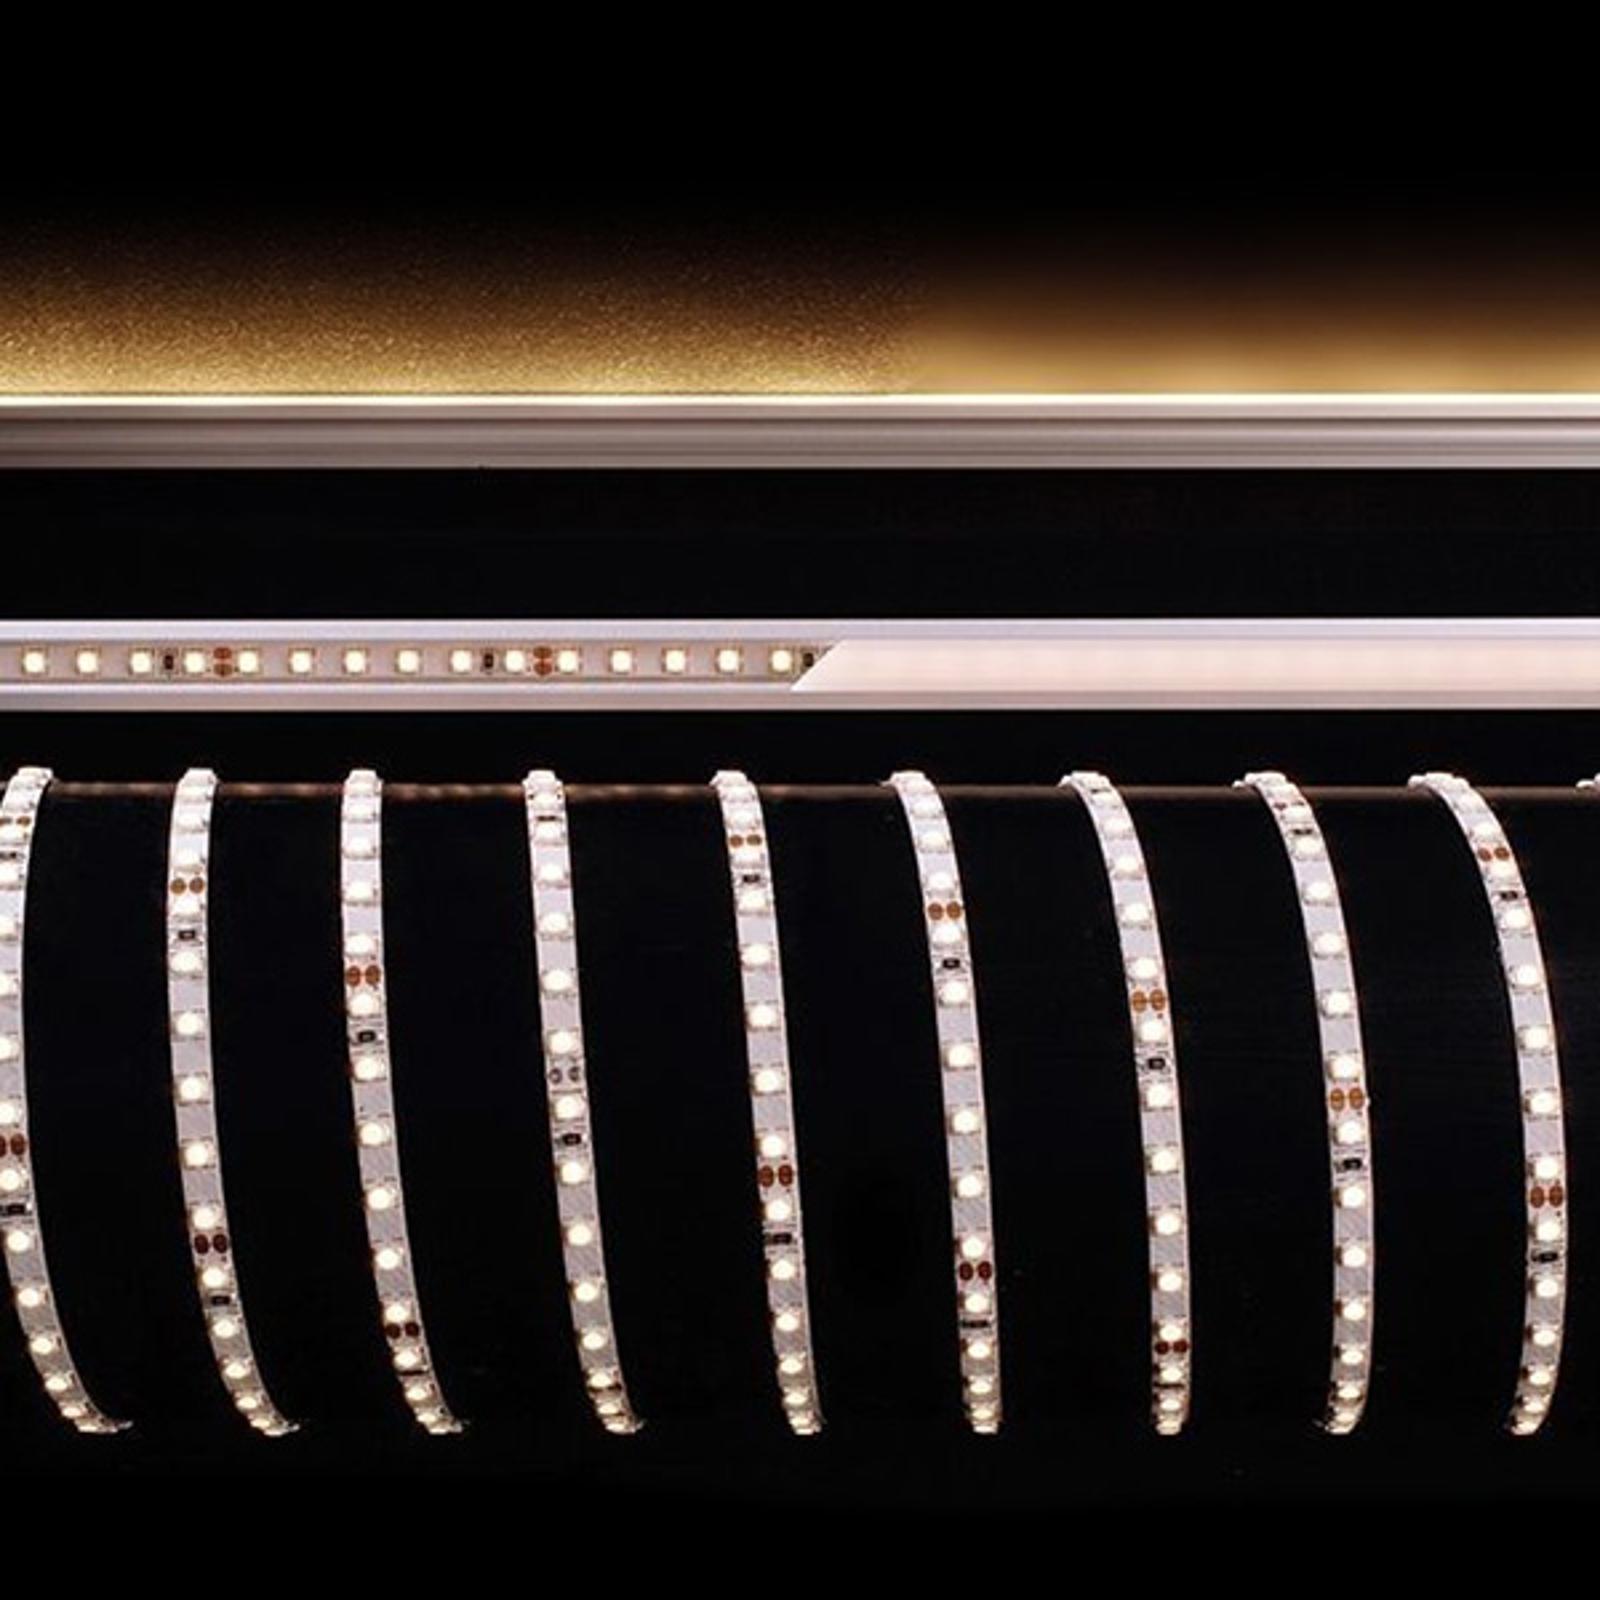 Flexibel LED-list, 40 W 500 x 0,5 x 0,3 cm 2700K